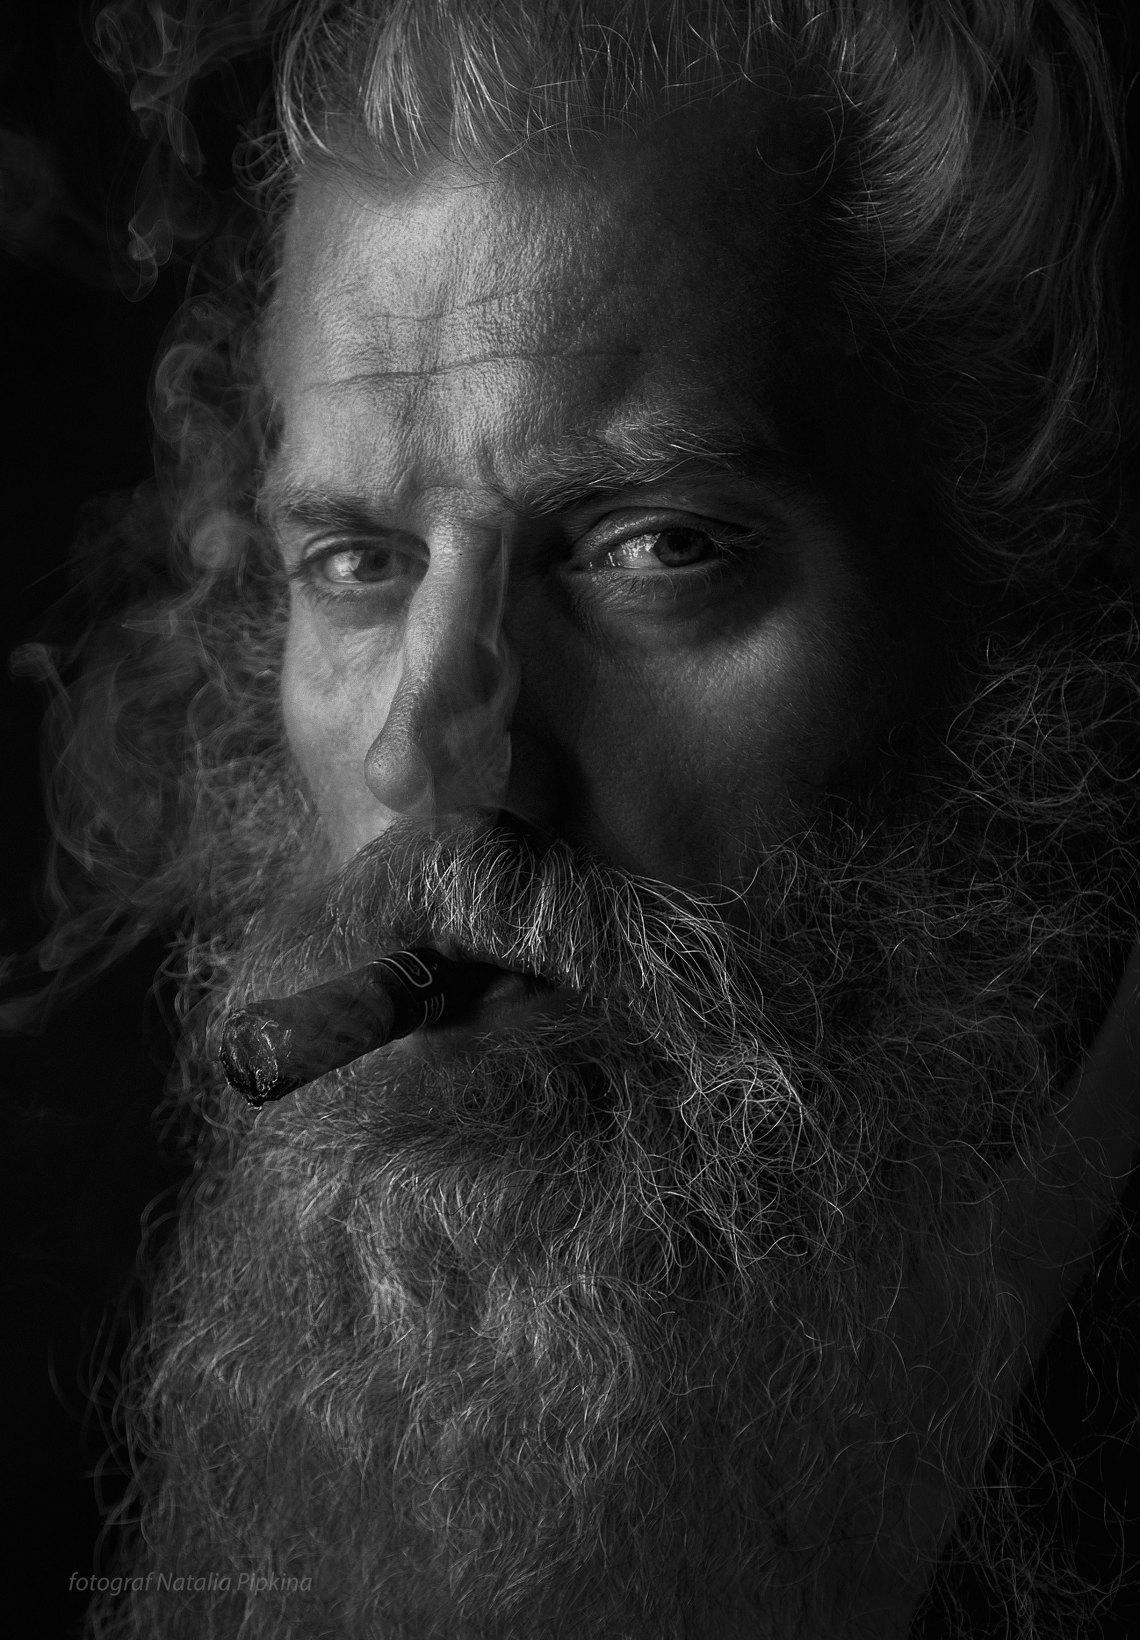 portrettfotografering-Oslo-portrettfotograf-portrett-sort-hvitt